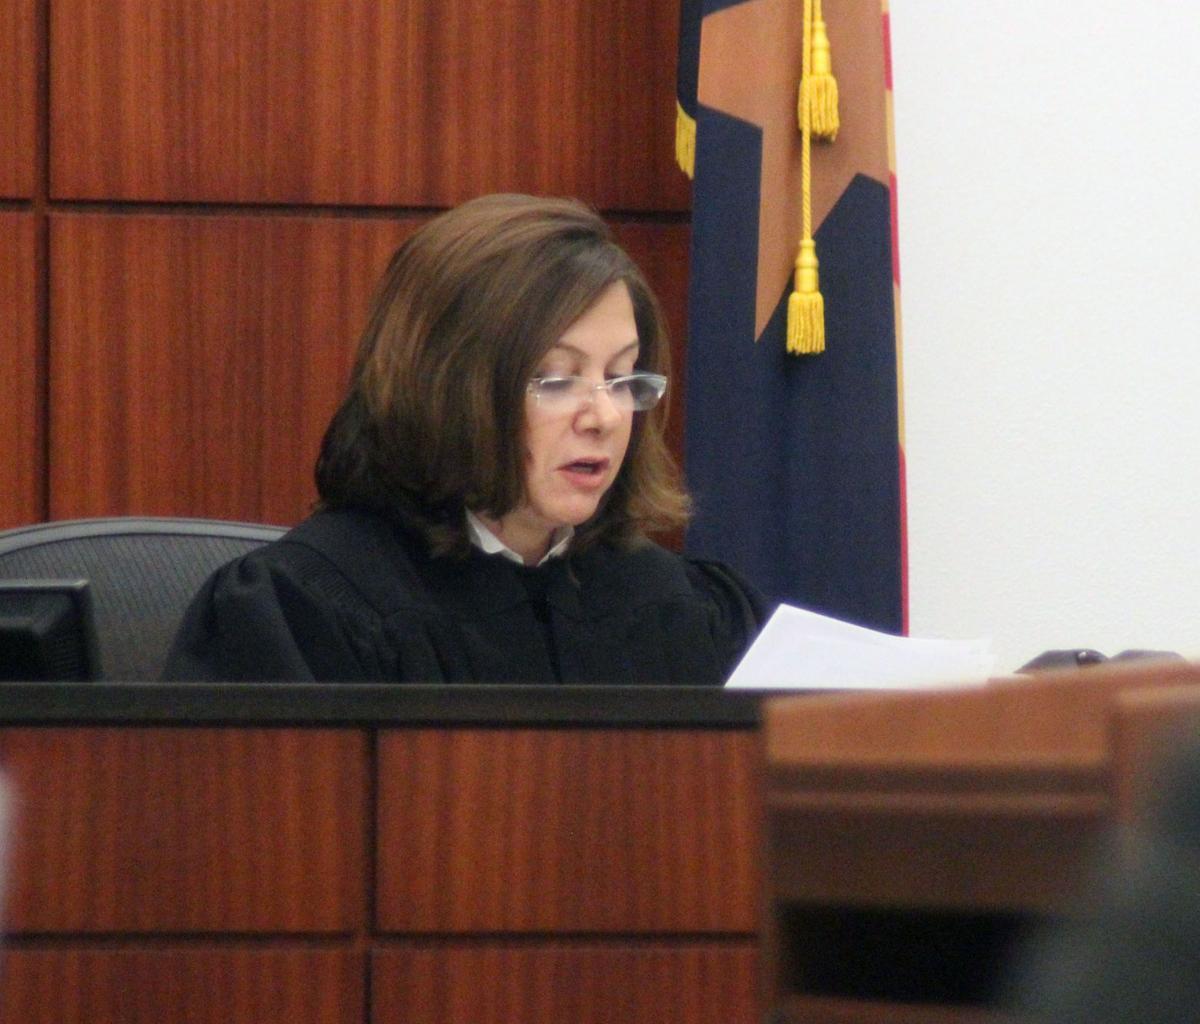 Defendant In Parking Lot Death Case Gets Probation For DUI